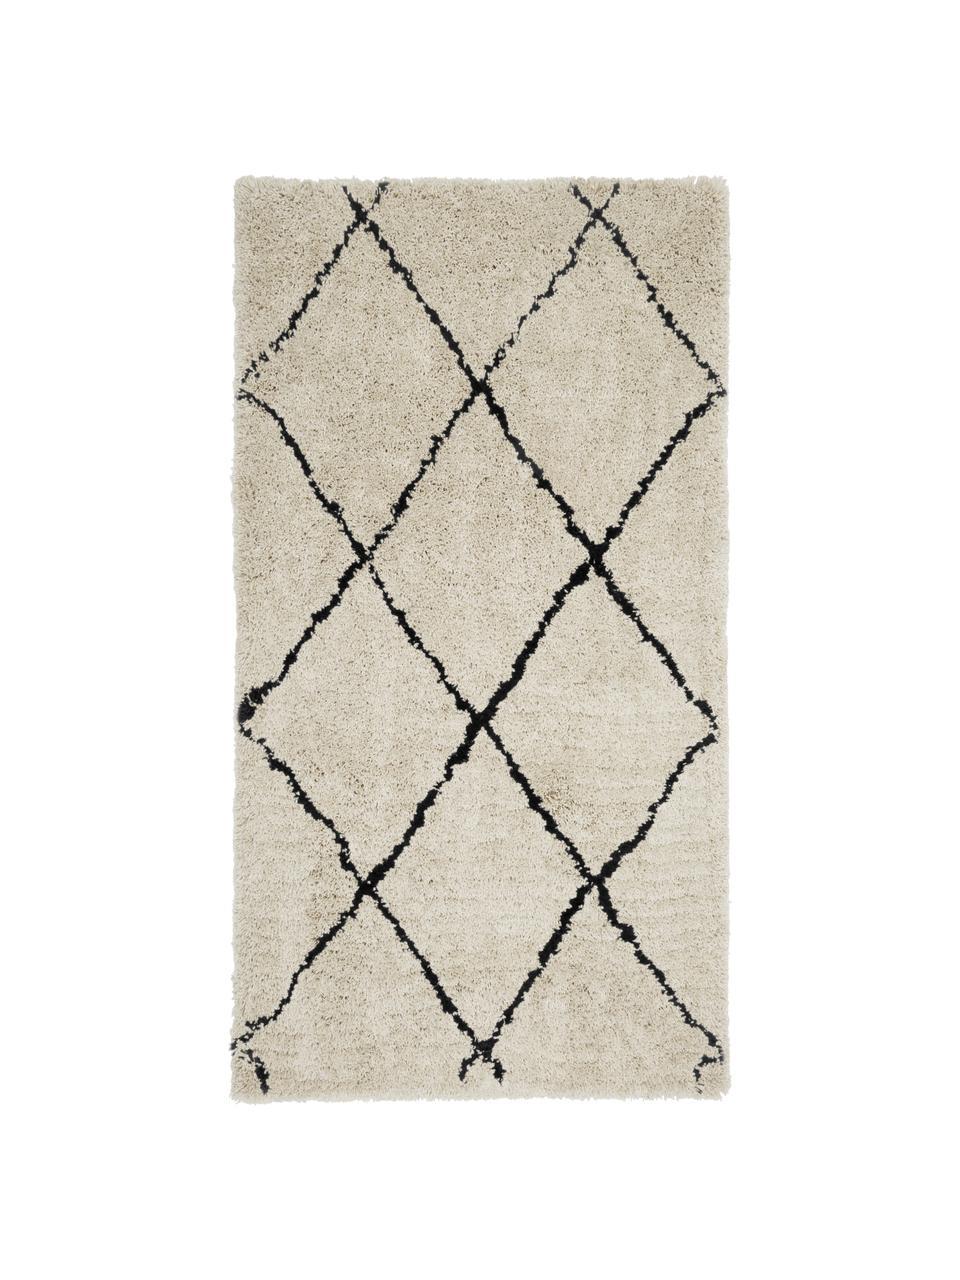 Zacht hoogpolig vloerkleed Naima, handgetuft, Bovenzijde: 100% polyester, Onderzijde: 100% katoen, Beige, zwart, B 300 x L 400 cm (Maat XL)